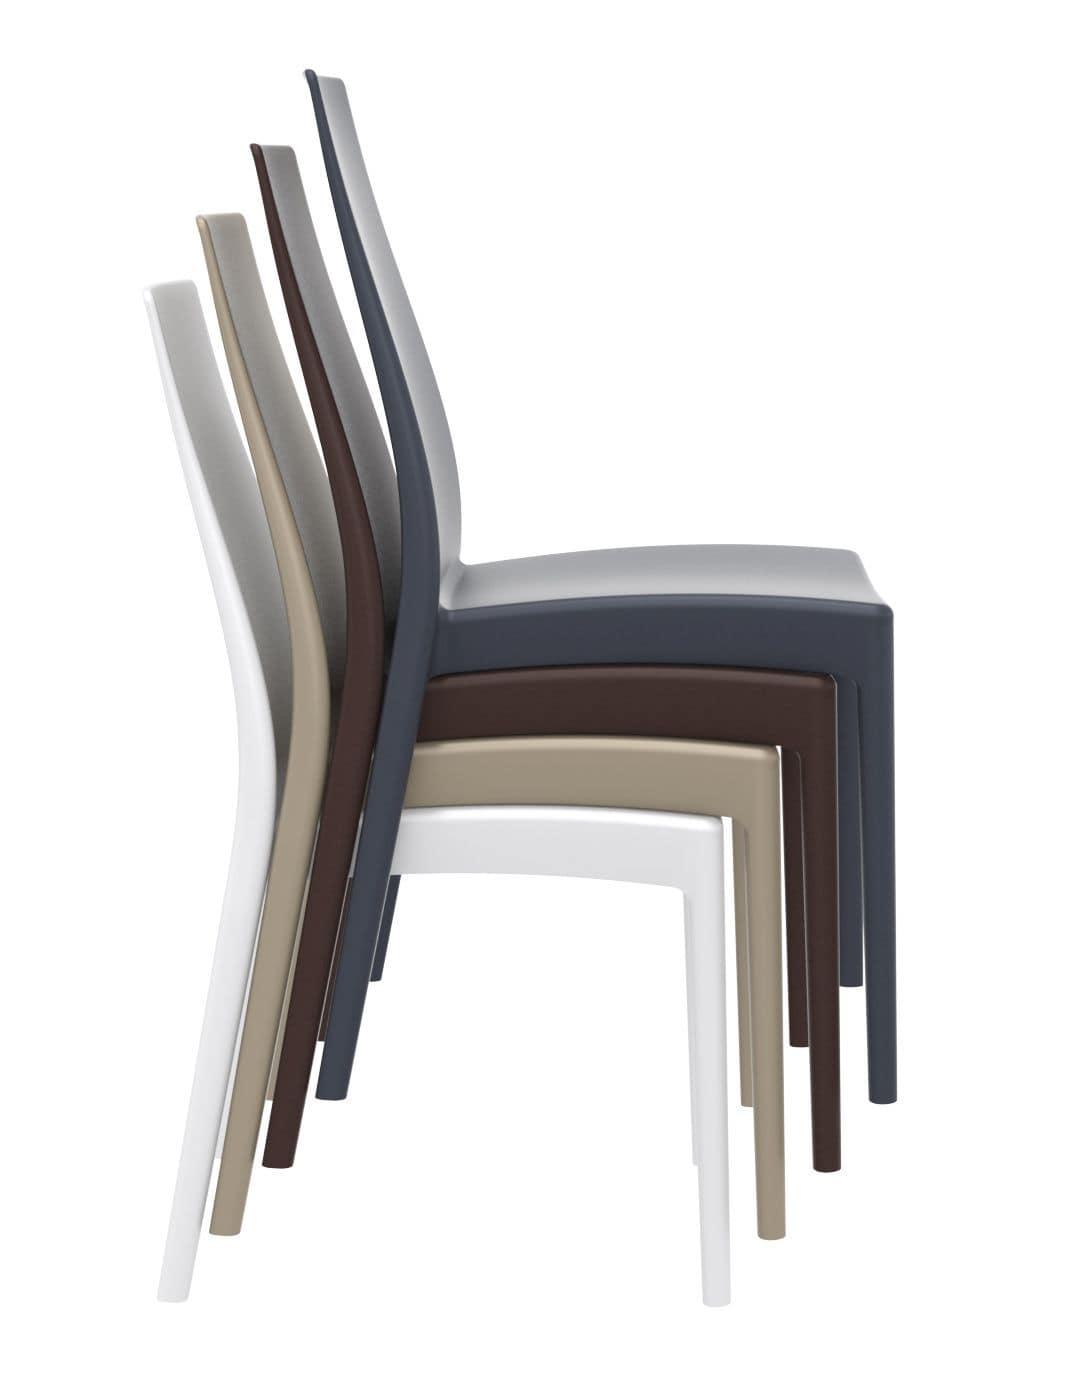 Sedia in polipropilene rinforzato resistente ai raggi uv - Sedie design plastica ...